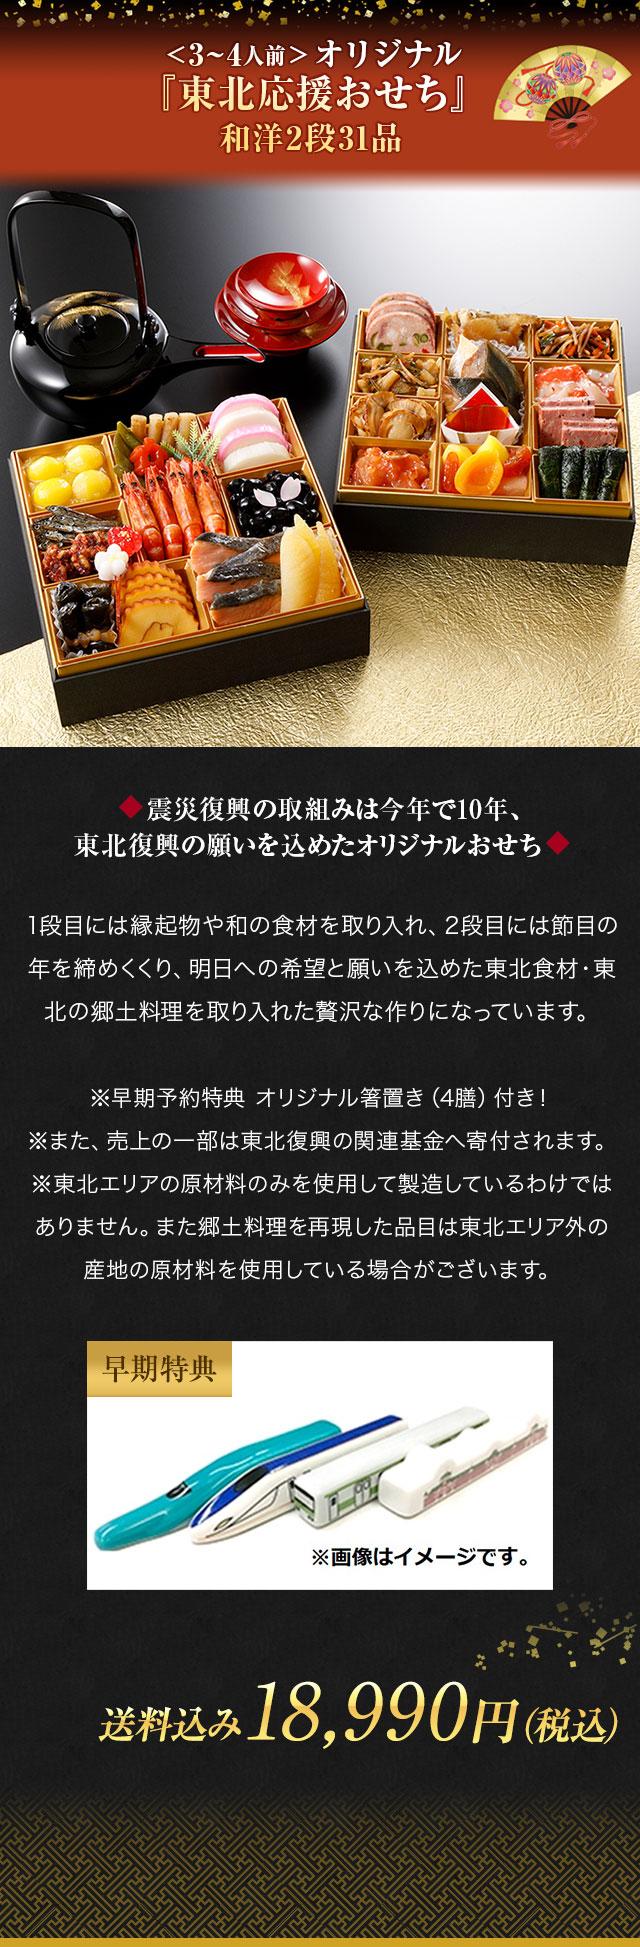 <3〜4人前> オリジナル 『東北応援おせち』 和洋2段31品